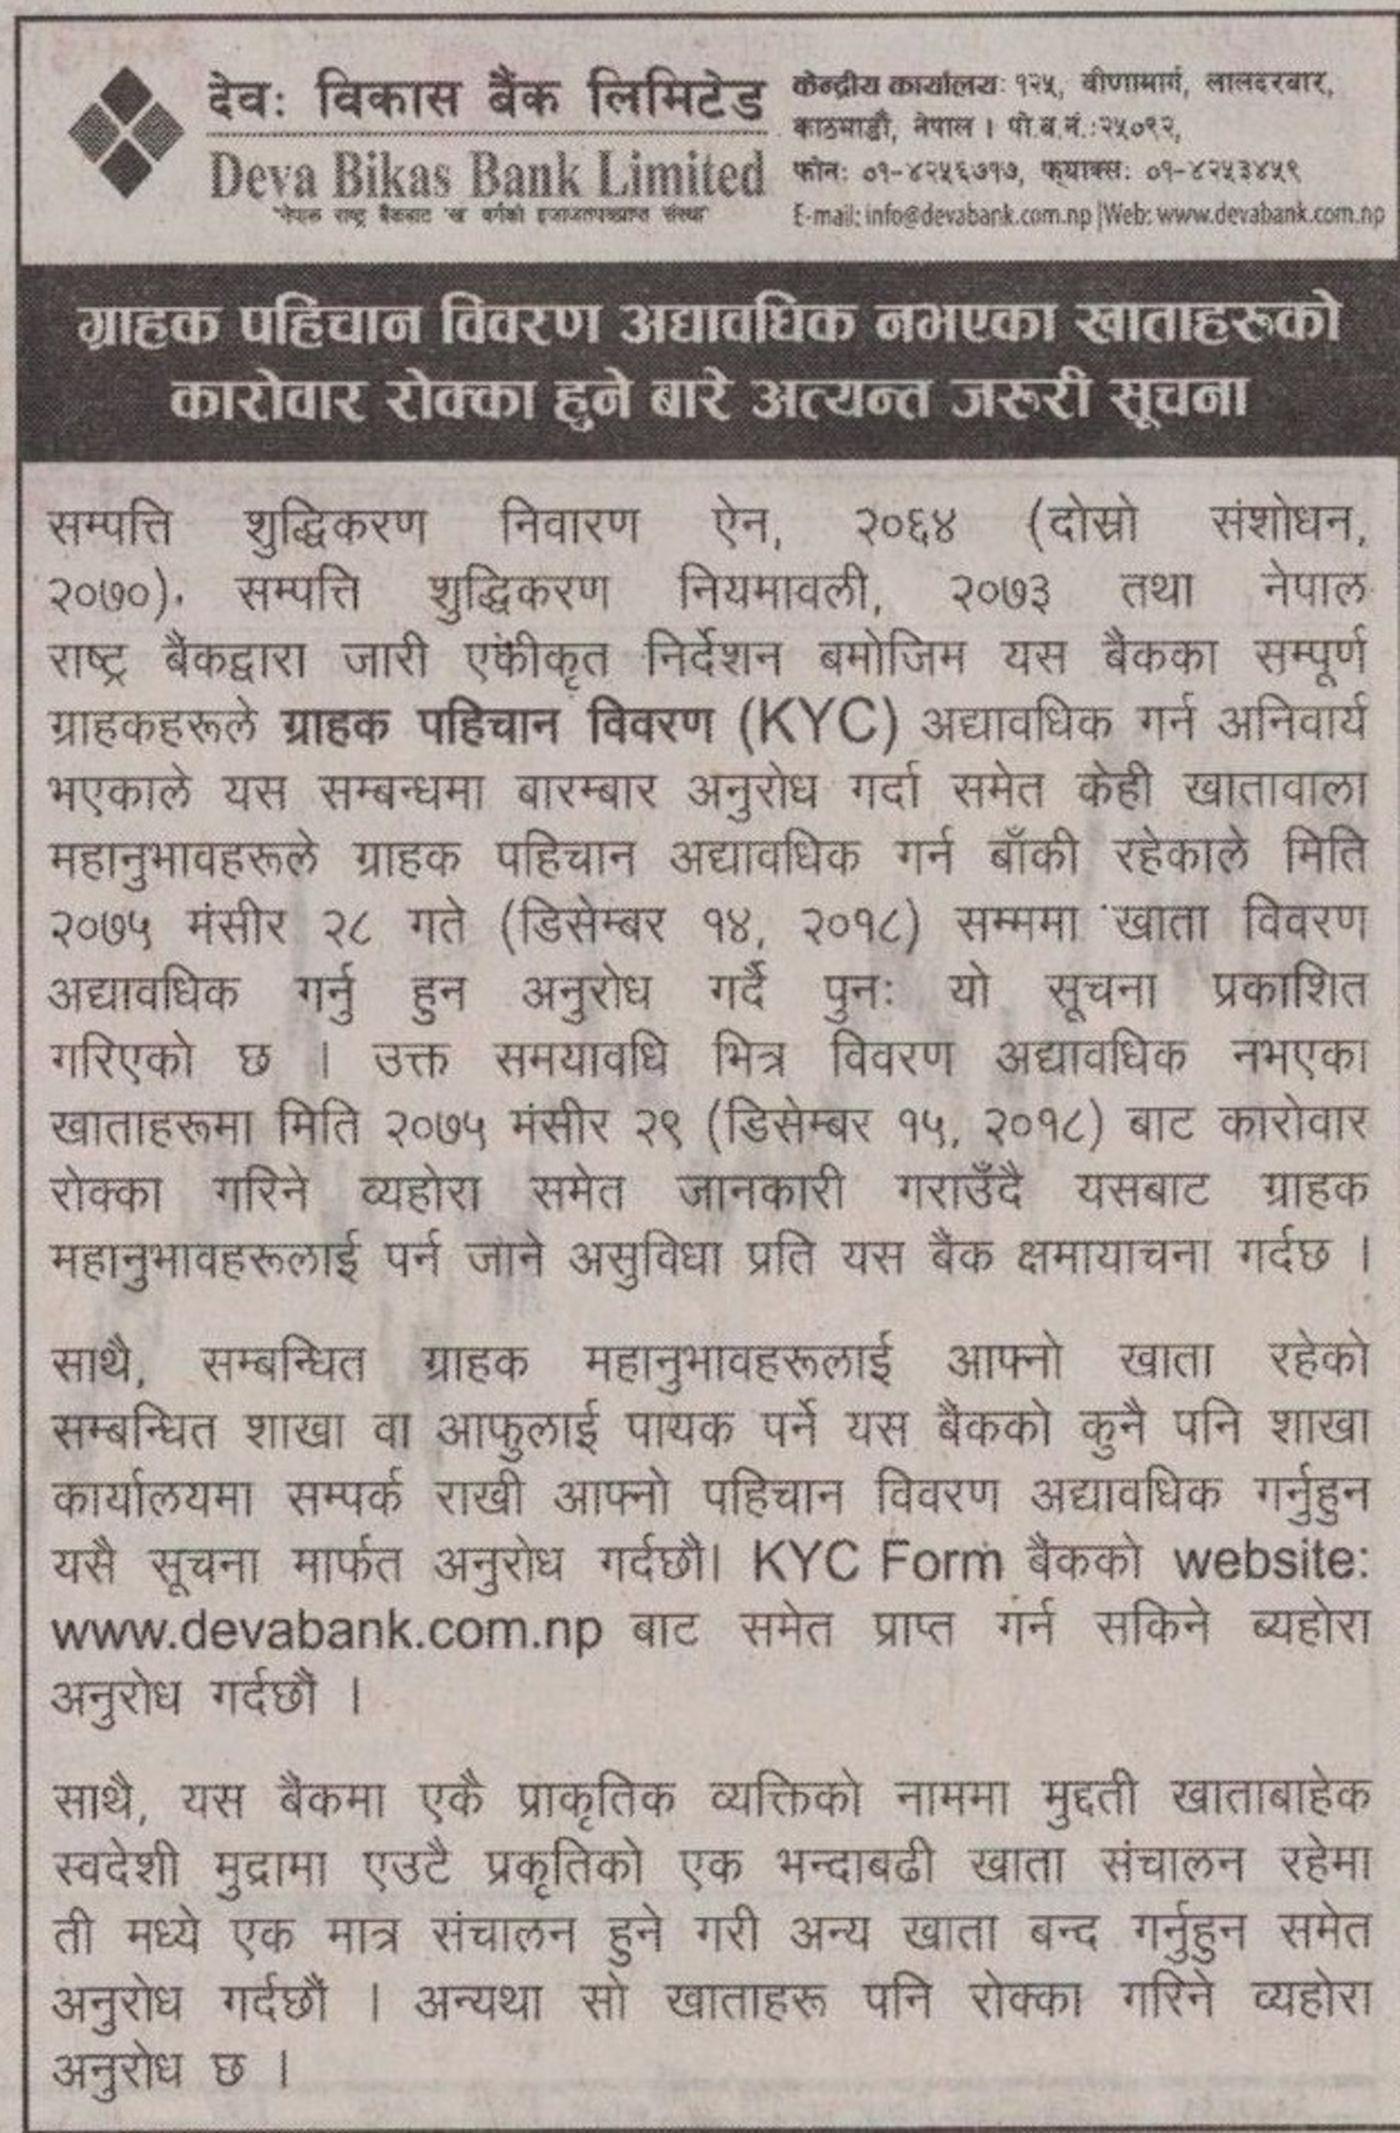 Notice Nepal - Notice -Conformation of KYC Form -Deva Bikash